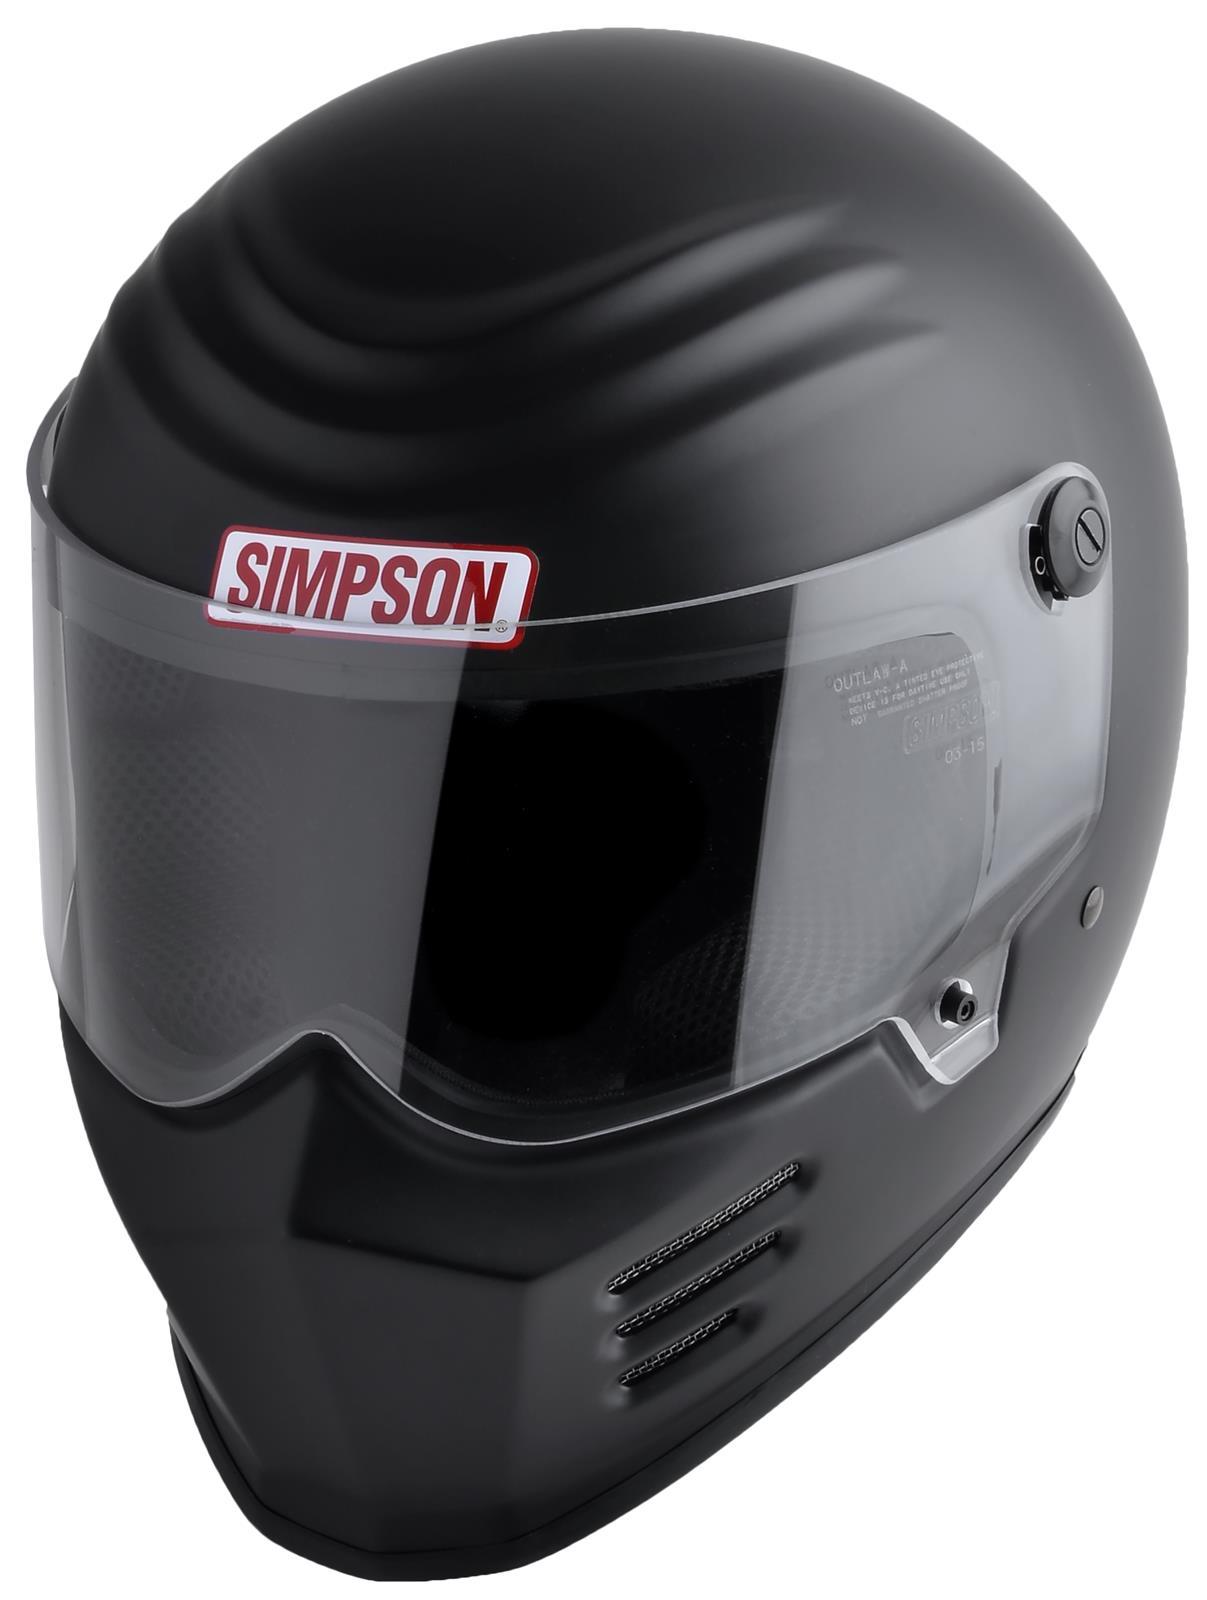 Simpson Racing Helmets >> Simpson Racing Outlaw Bandit Series Helmets 28315m8